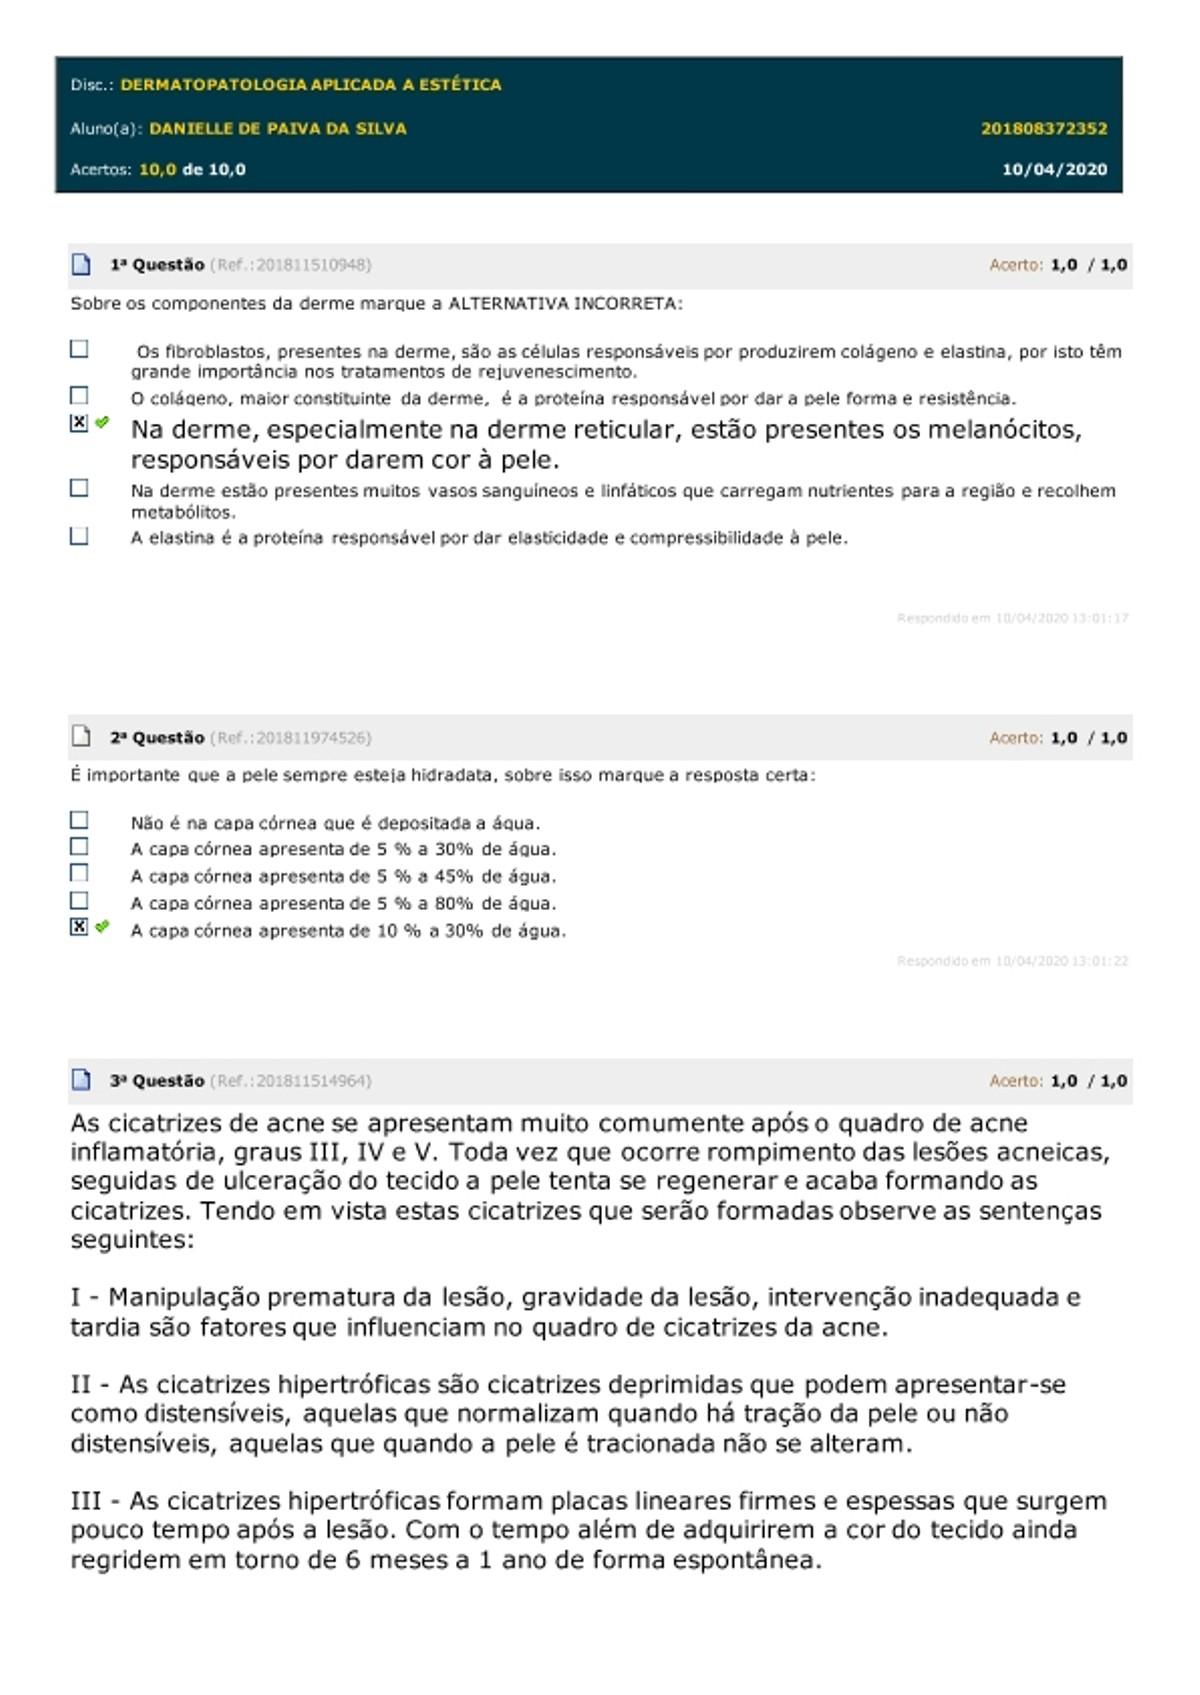 Pre-visualização do material DERMATOPATOLOGIA APLICADA A ESTÉTICA - página 1